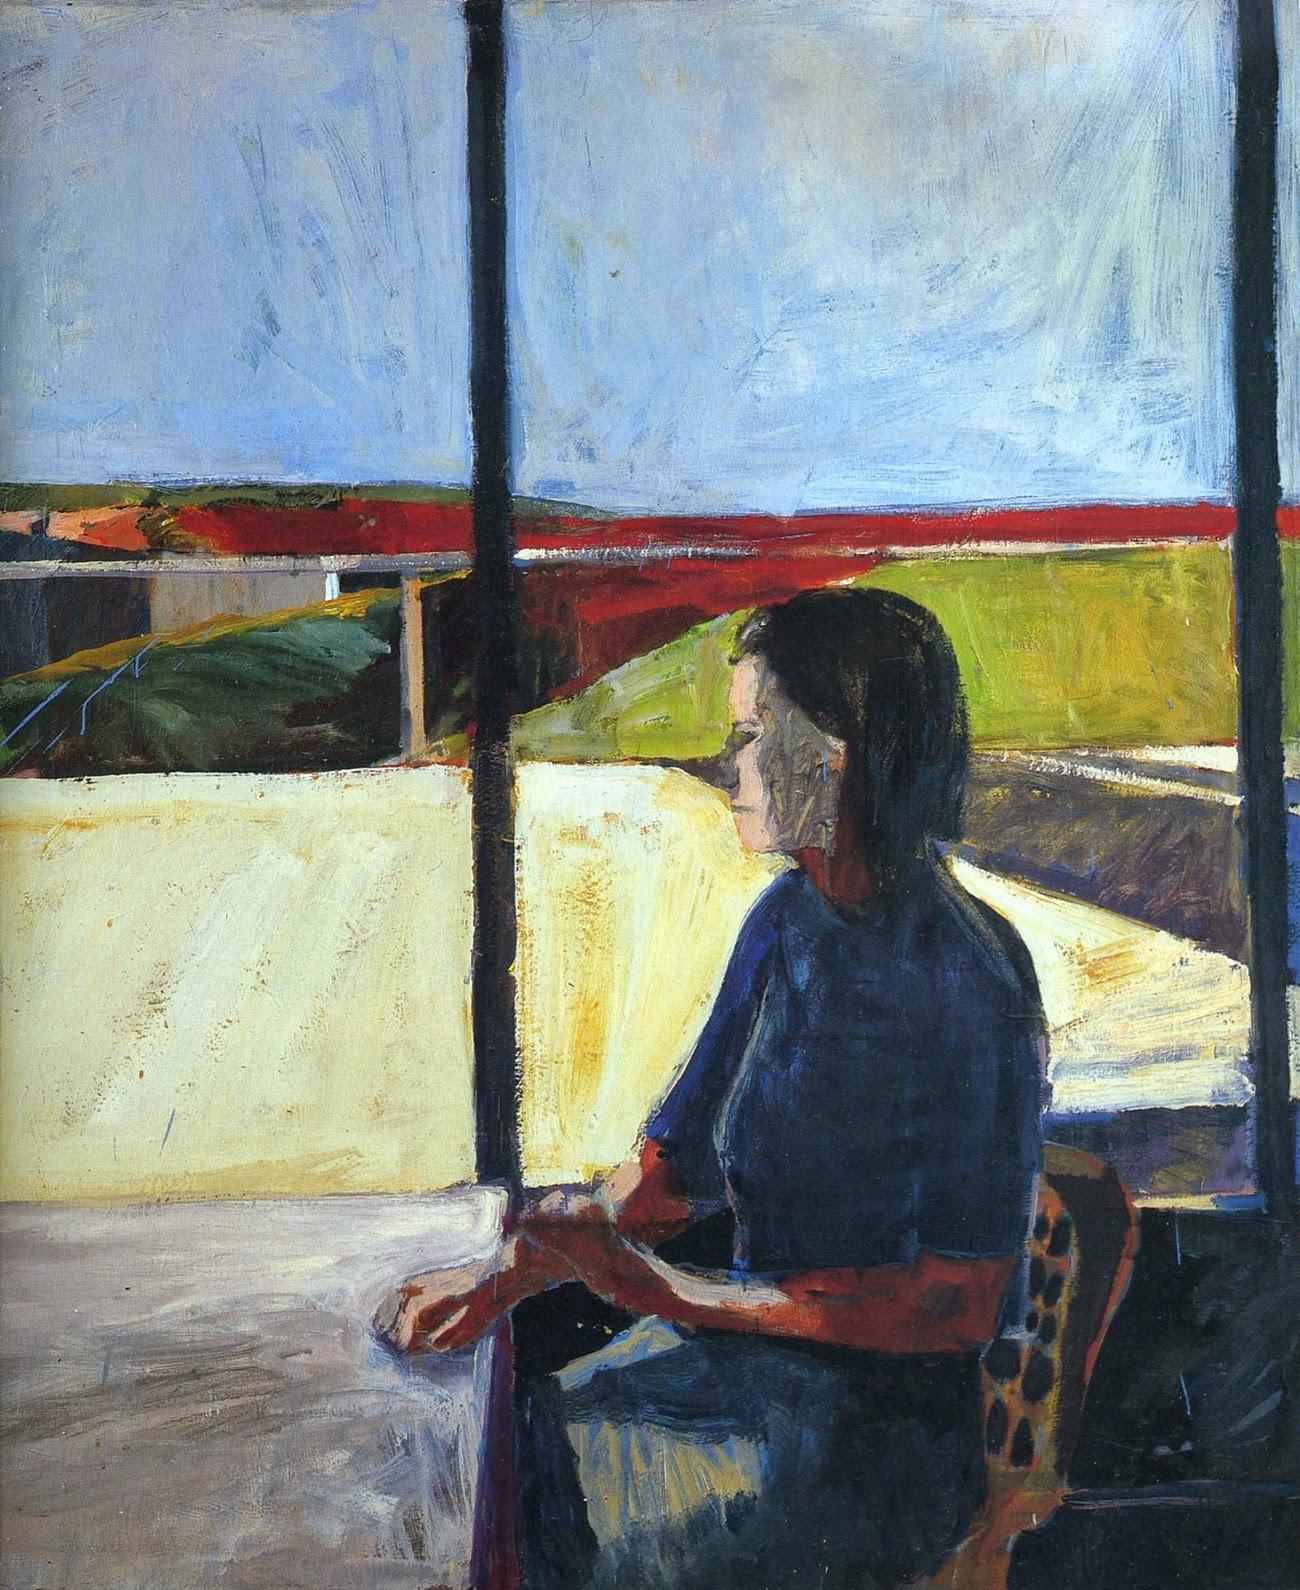 Richard Diebenkorn Figure Paintings